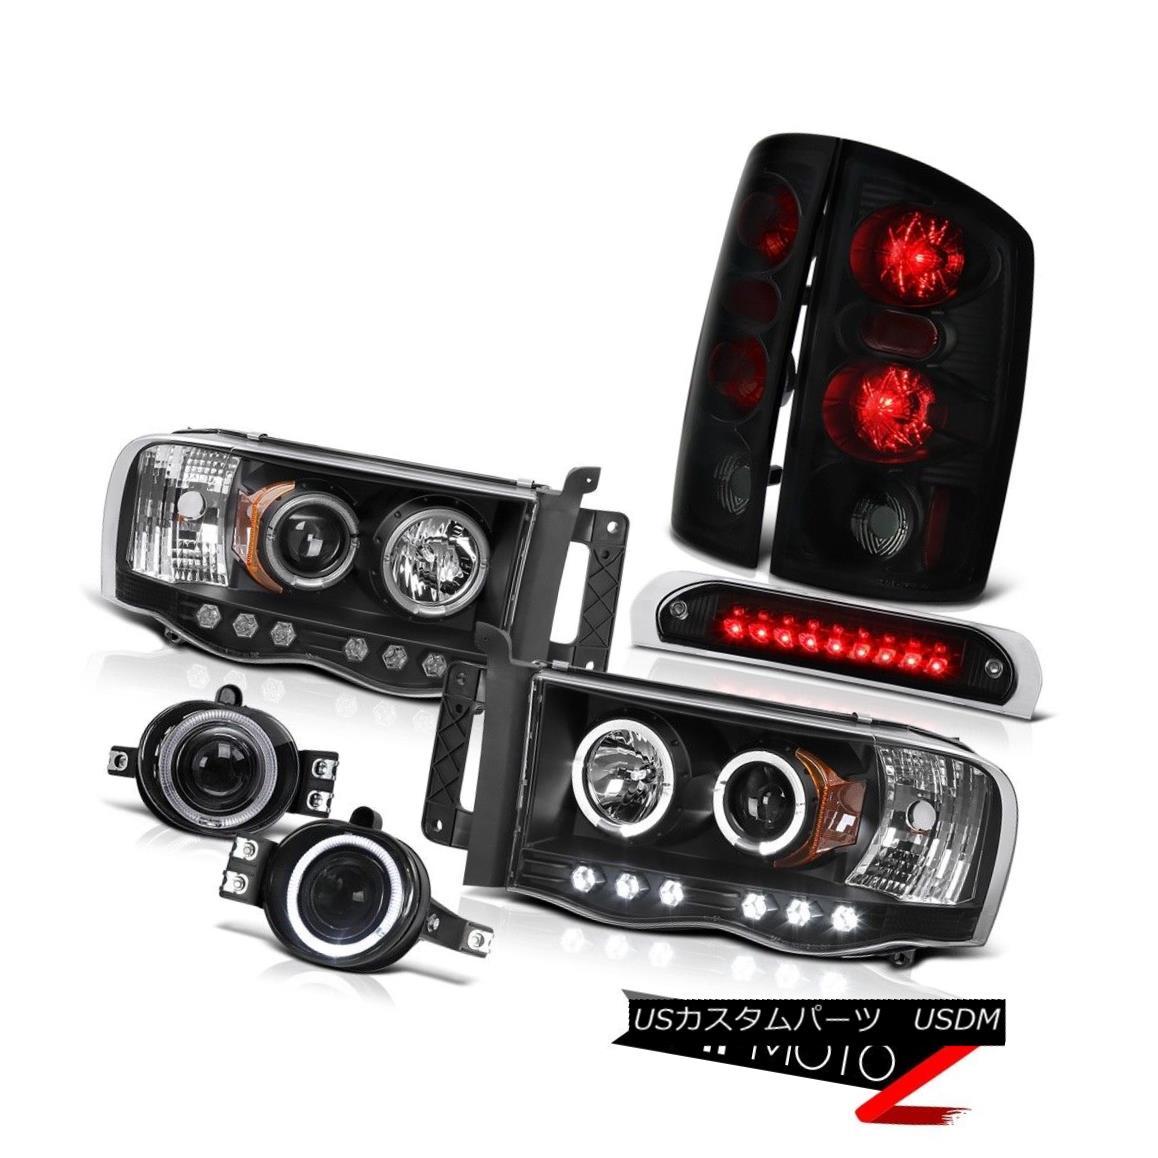 テールライト Black LED DRL Headlights Sinister Tail Lights Fog High Stop 2002 03 04 05 Ram V6 ブラックLED DRLヘッドライトシニスターテールライトフォッグハイストップ2002 03 04 05 Ram V6